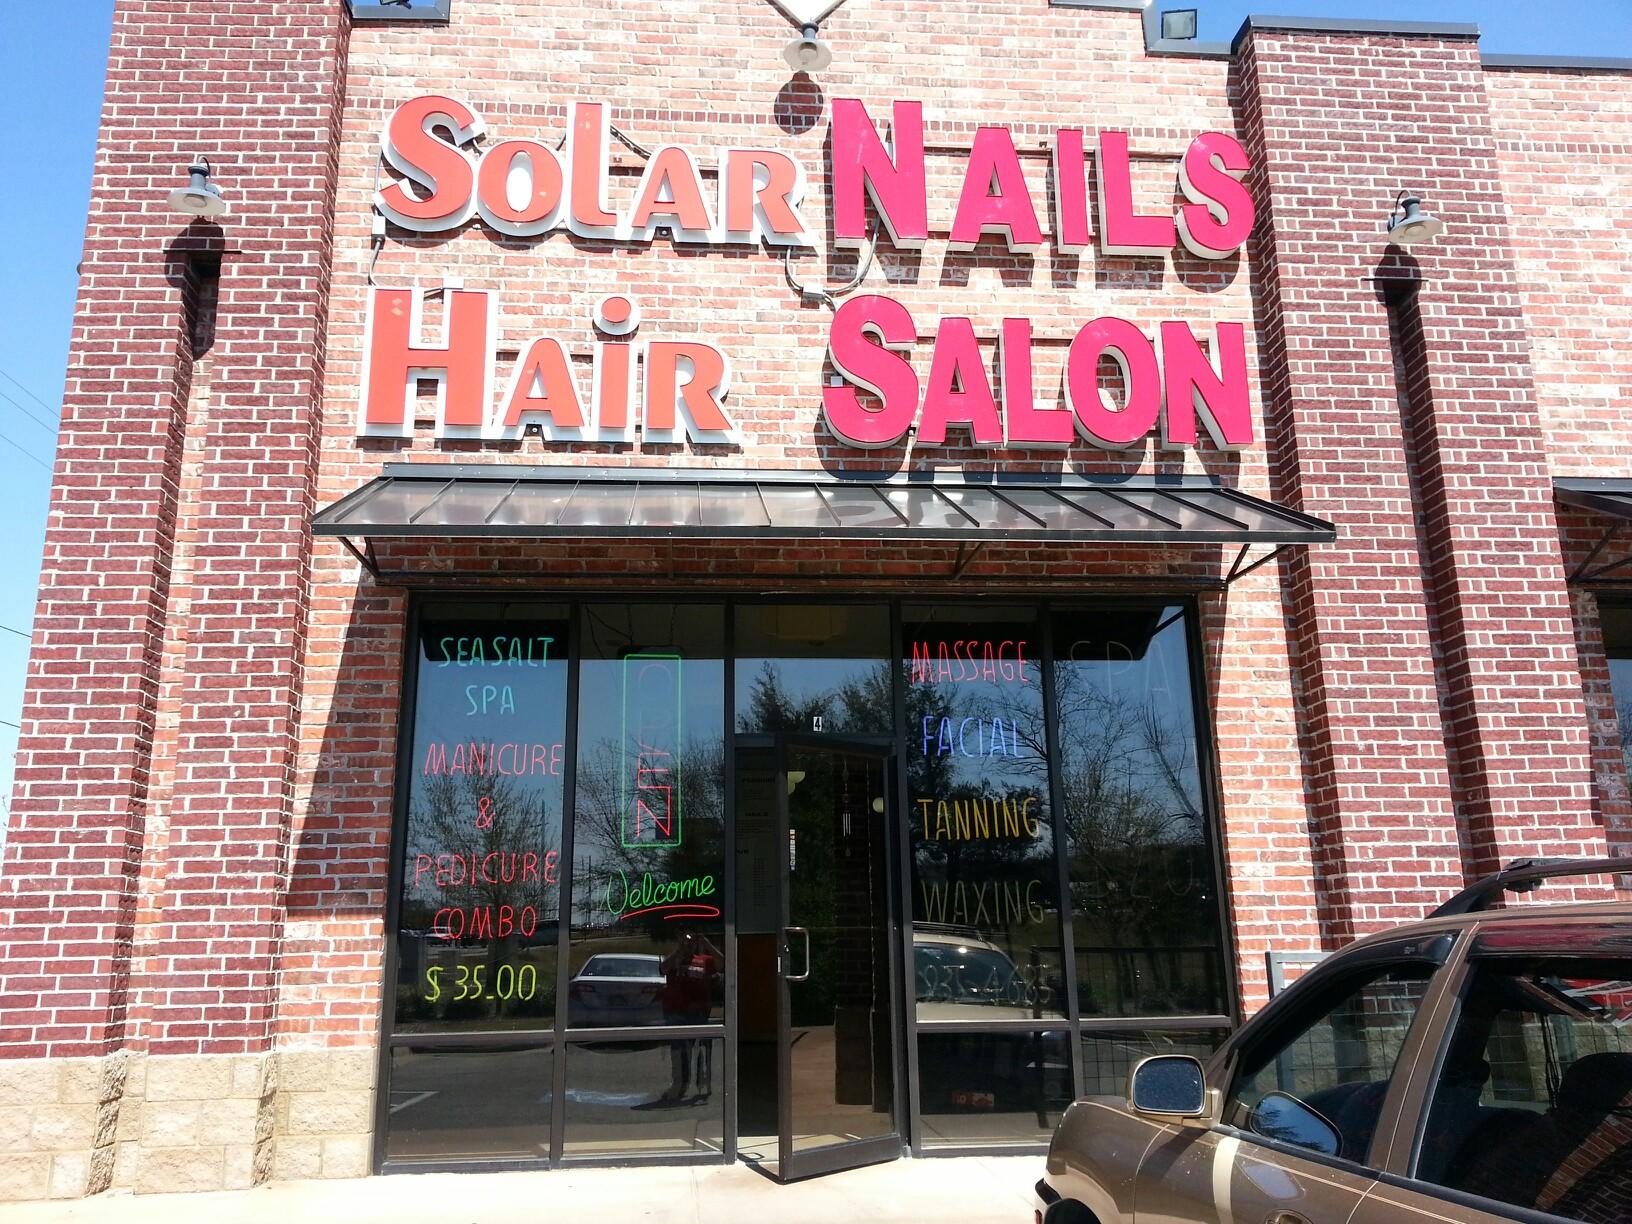 Solar Nail & Hair Salon, Fayetteville AR